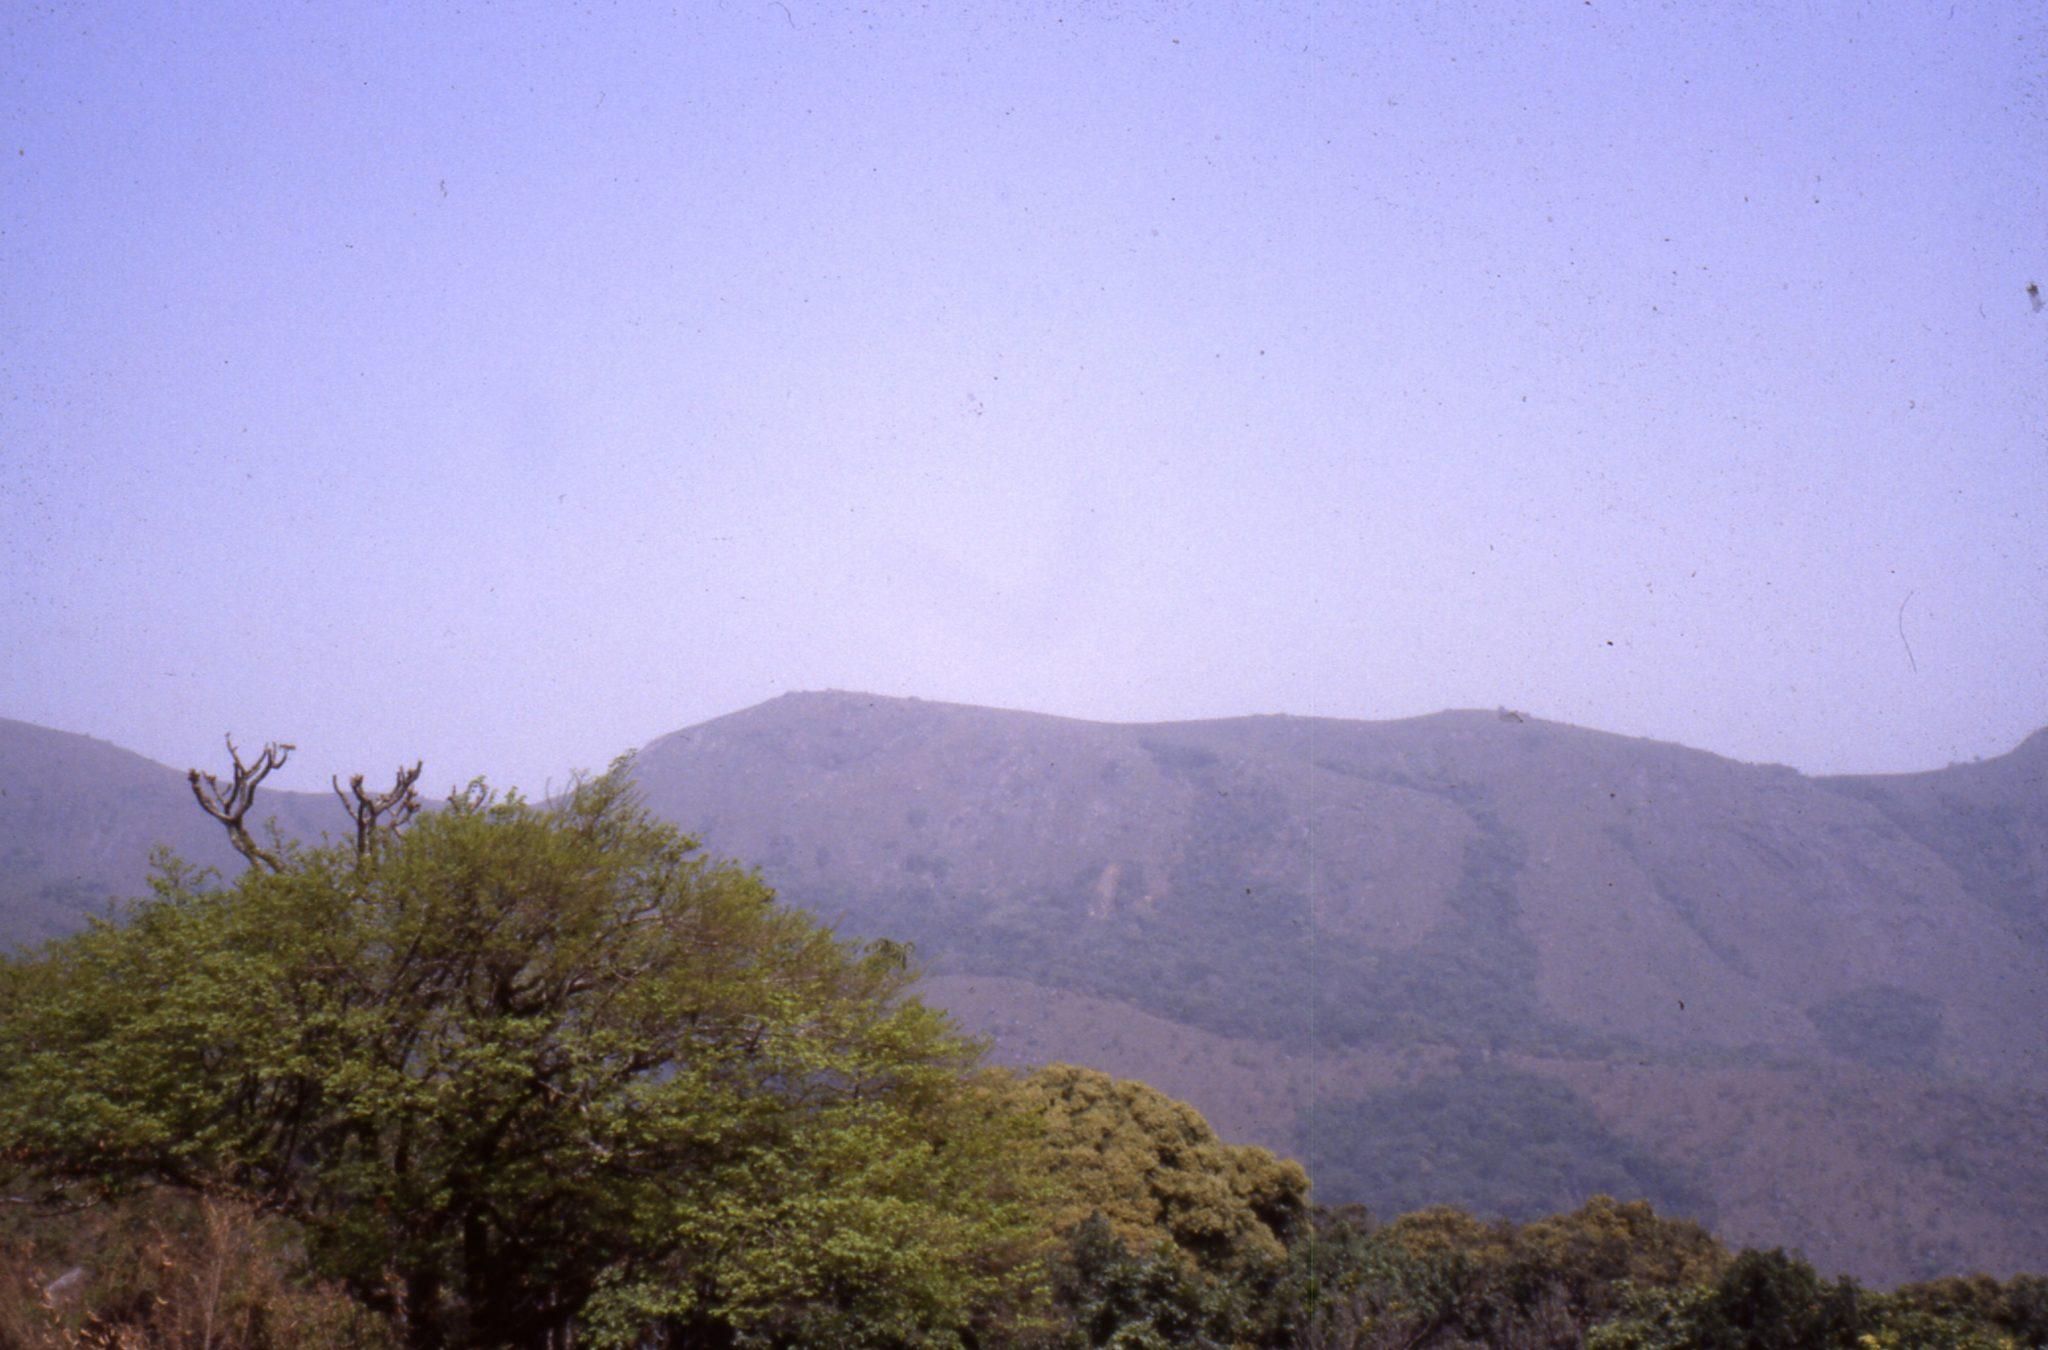 mount_bintumani_1992_or_93_CC